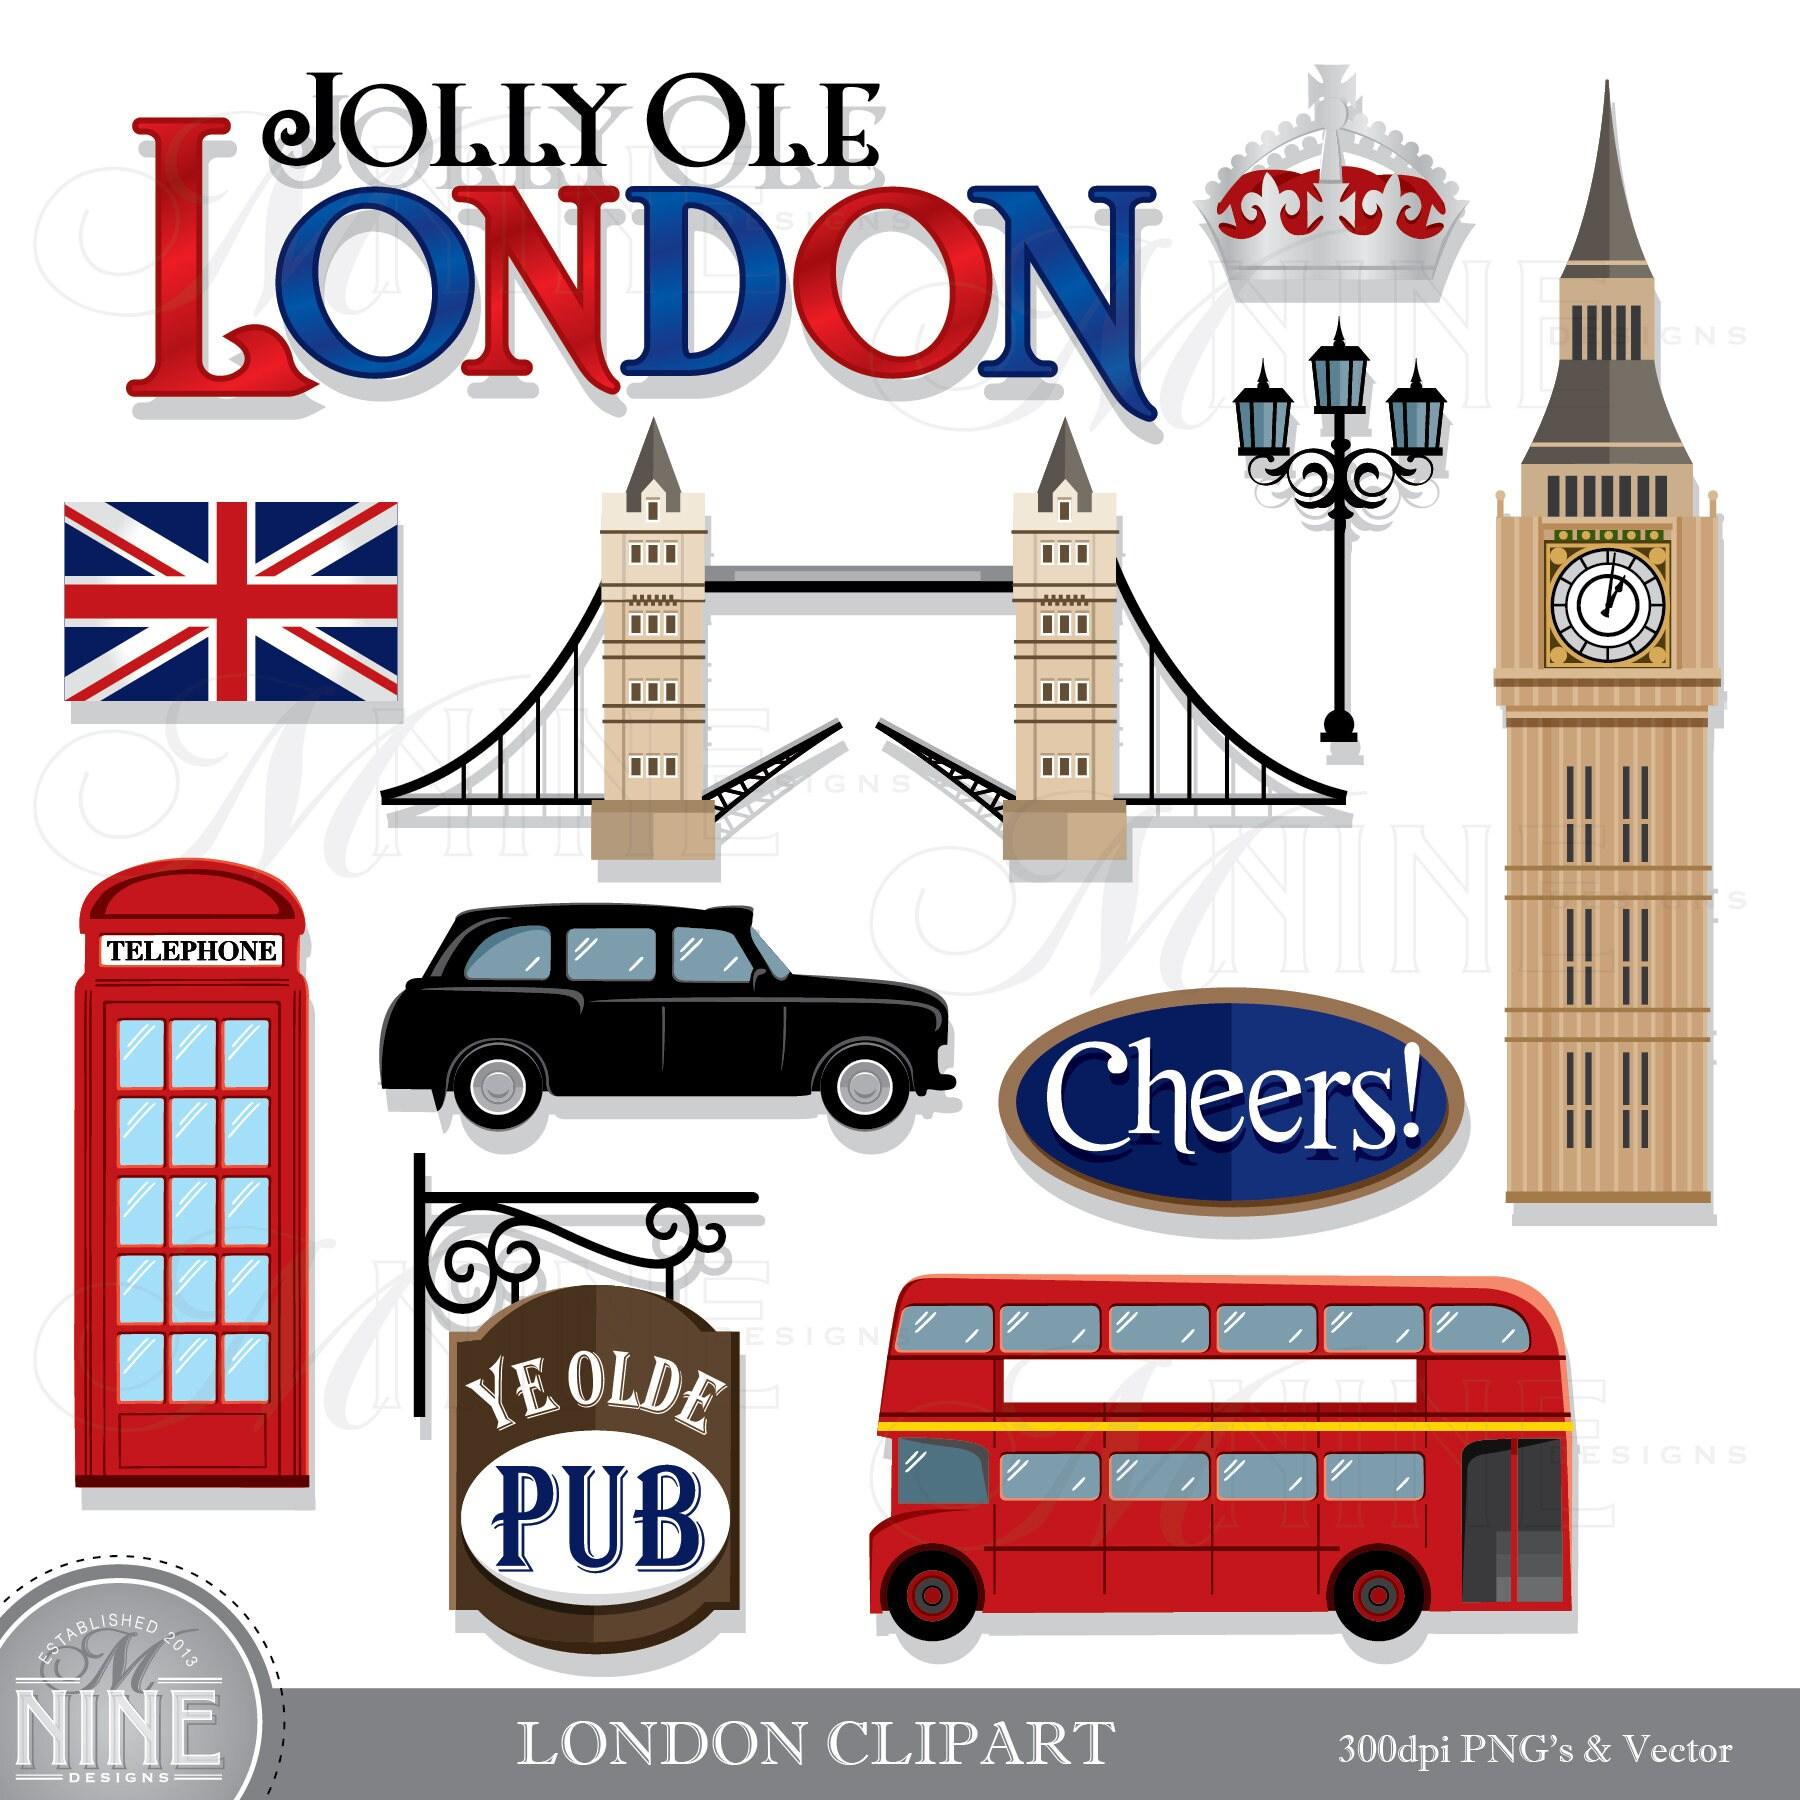 London Clip Art : London clip art theme clipart download